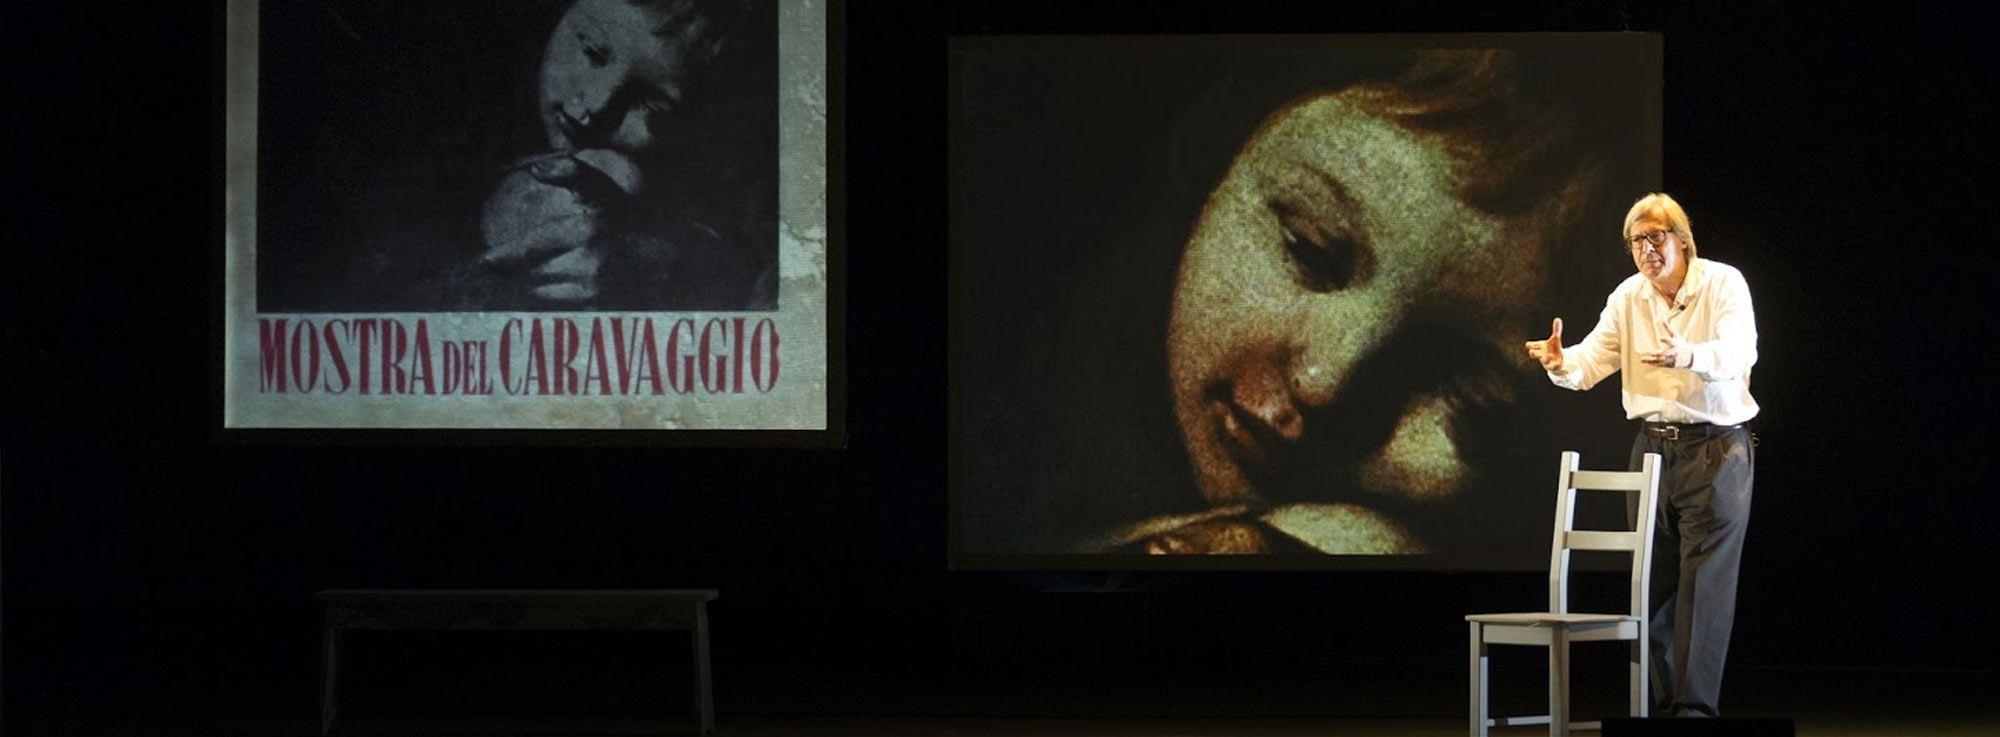 Bari: Caravaggio di Vittorio Sgarbi